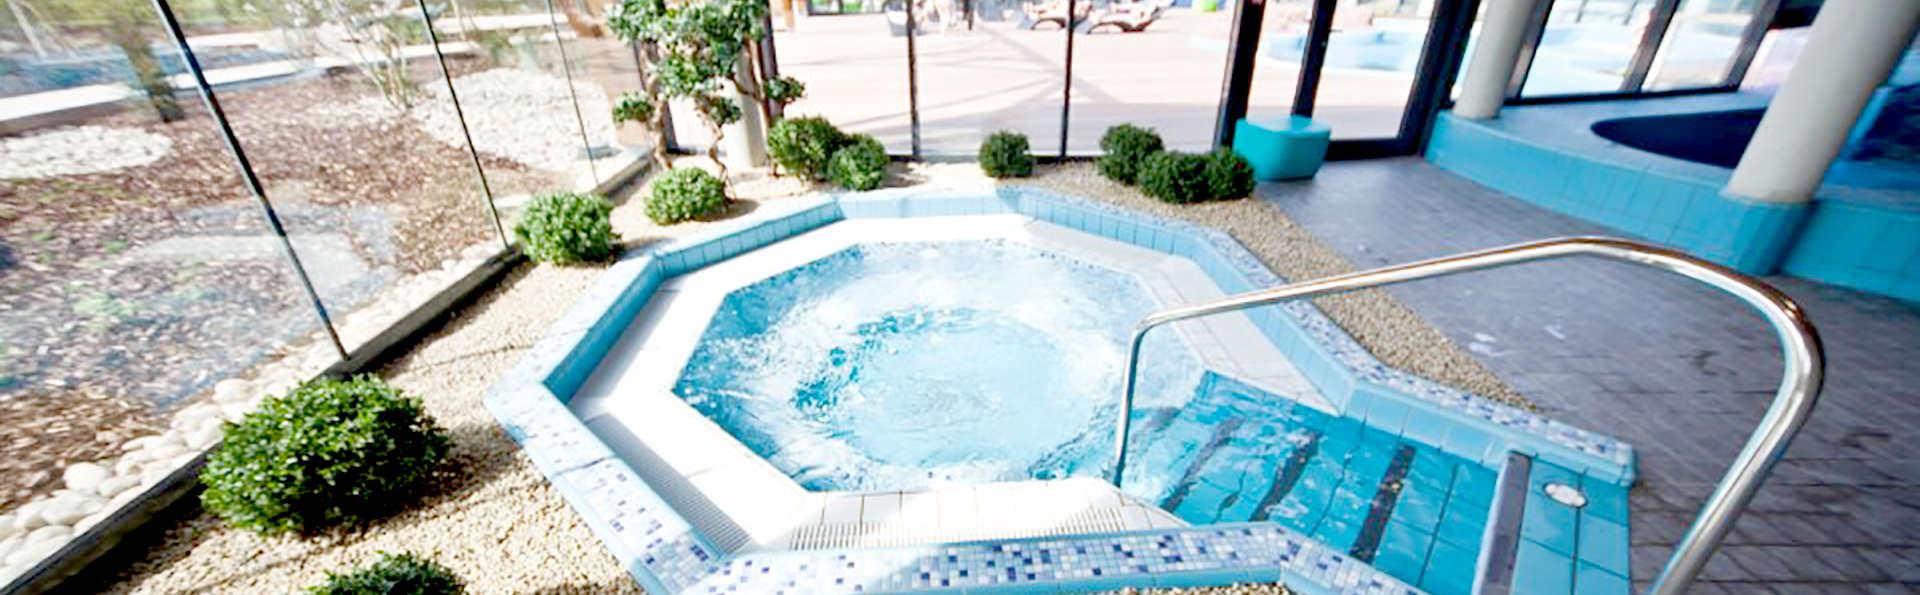 week end spa obernai avec 1 entr e au parc aquatique l 39 o pour 2 adultes partir de 129. Black Bedroom Furniture Sets. Home Design Ideas